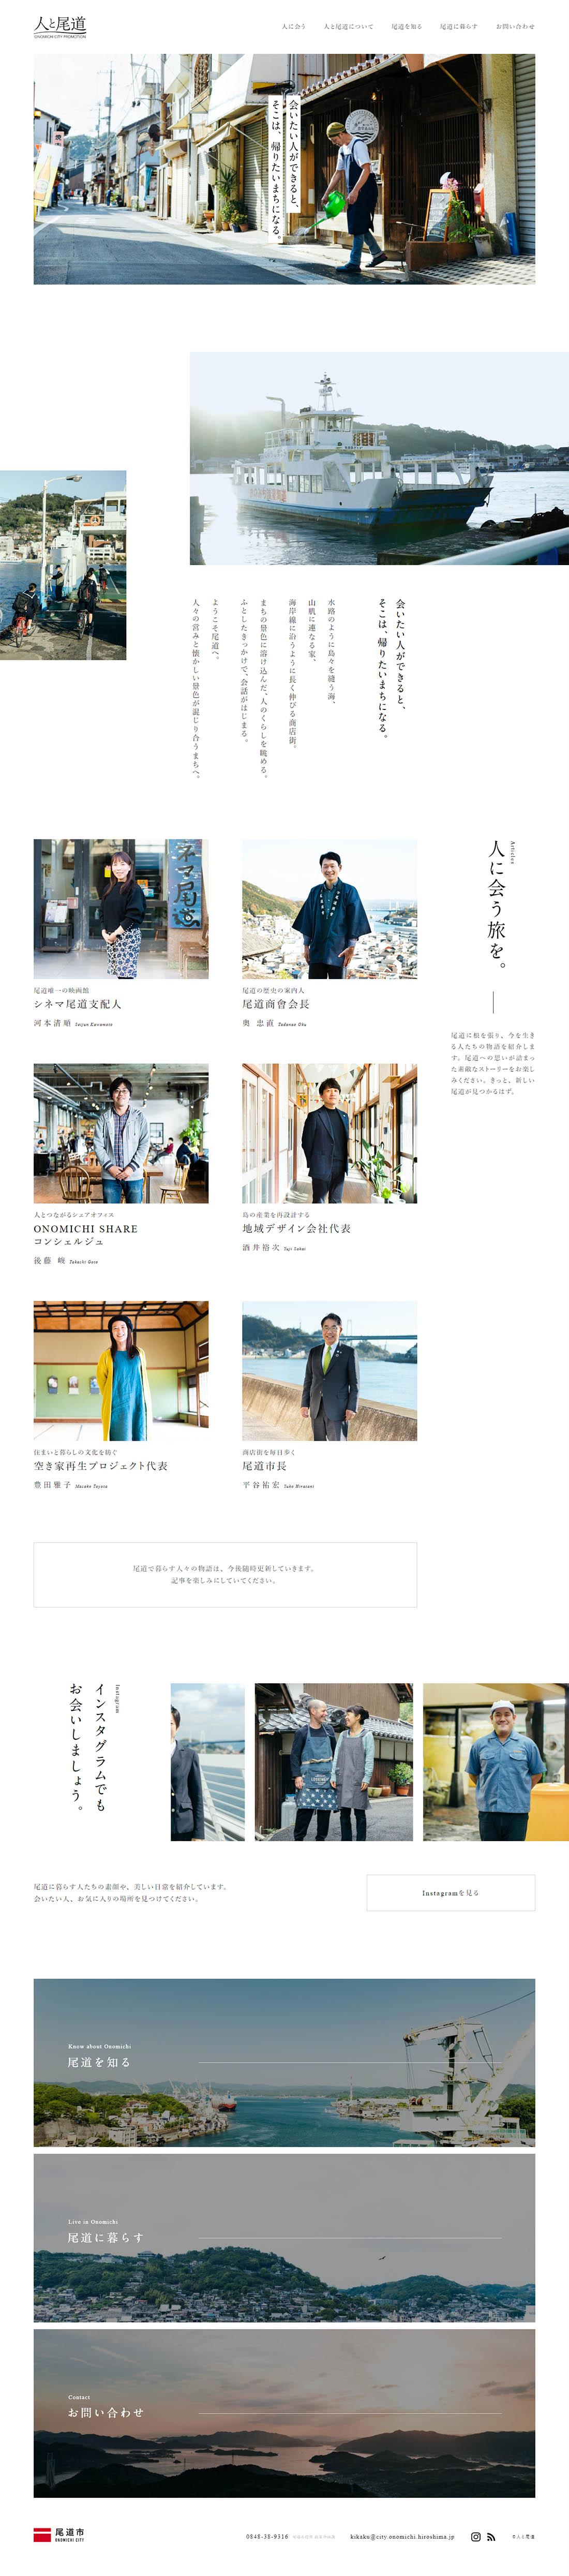 人と尾道 | 広島県尾道市シティプロモーション